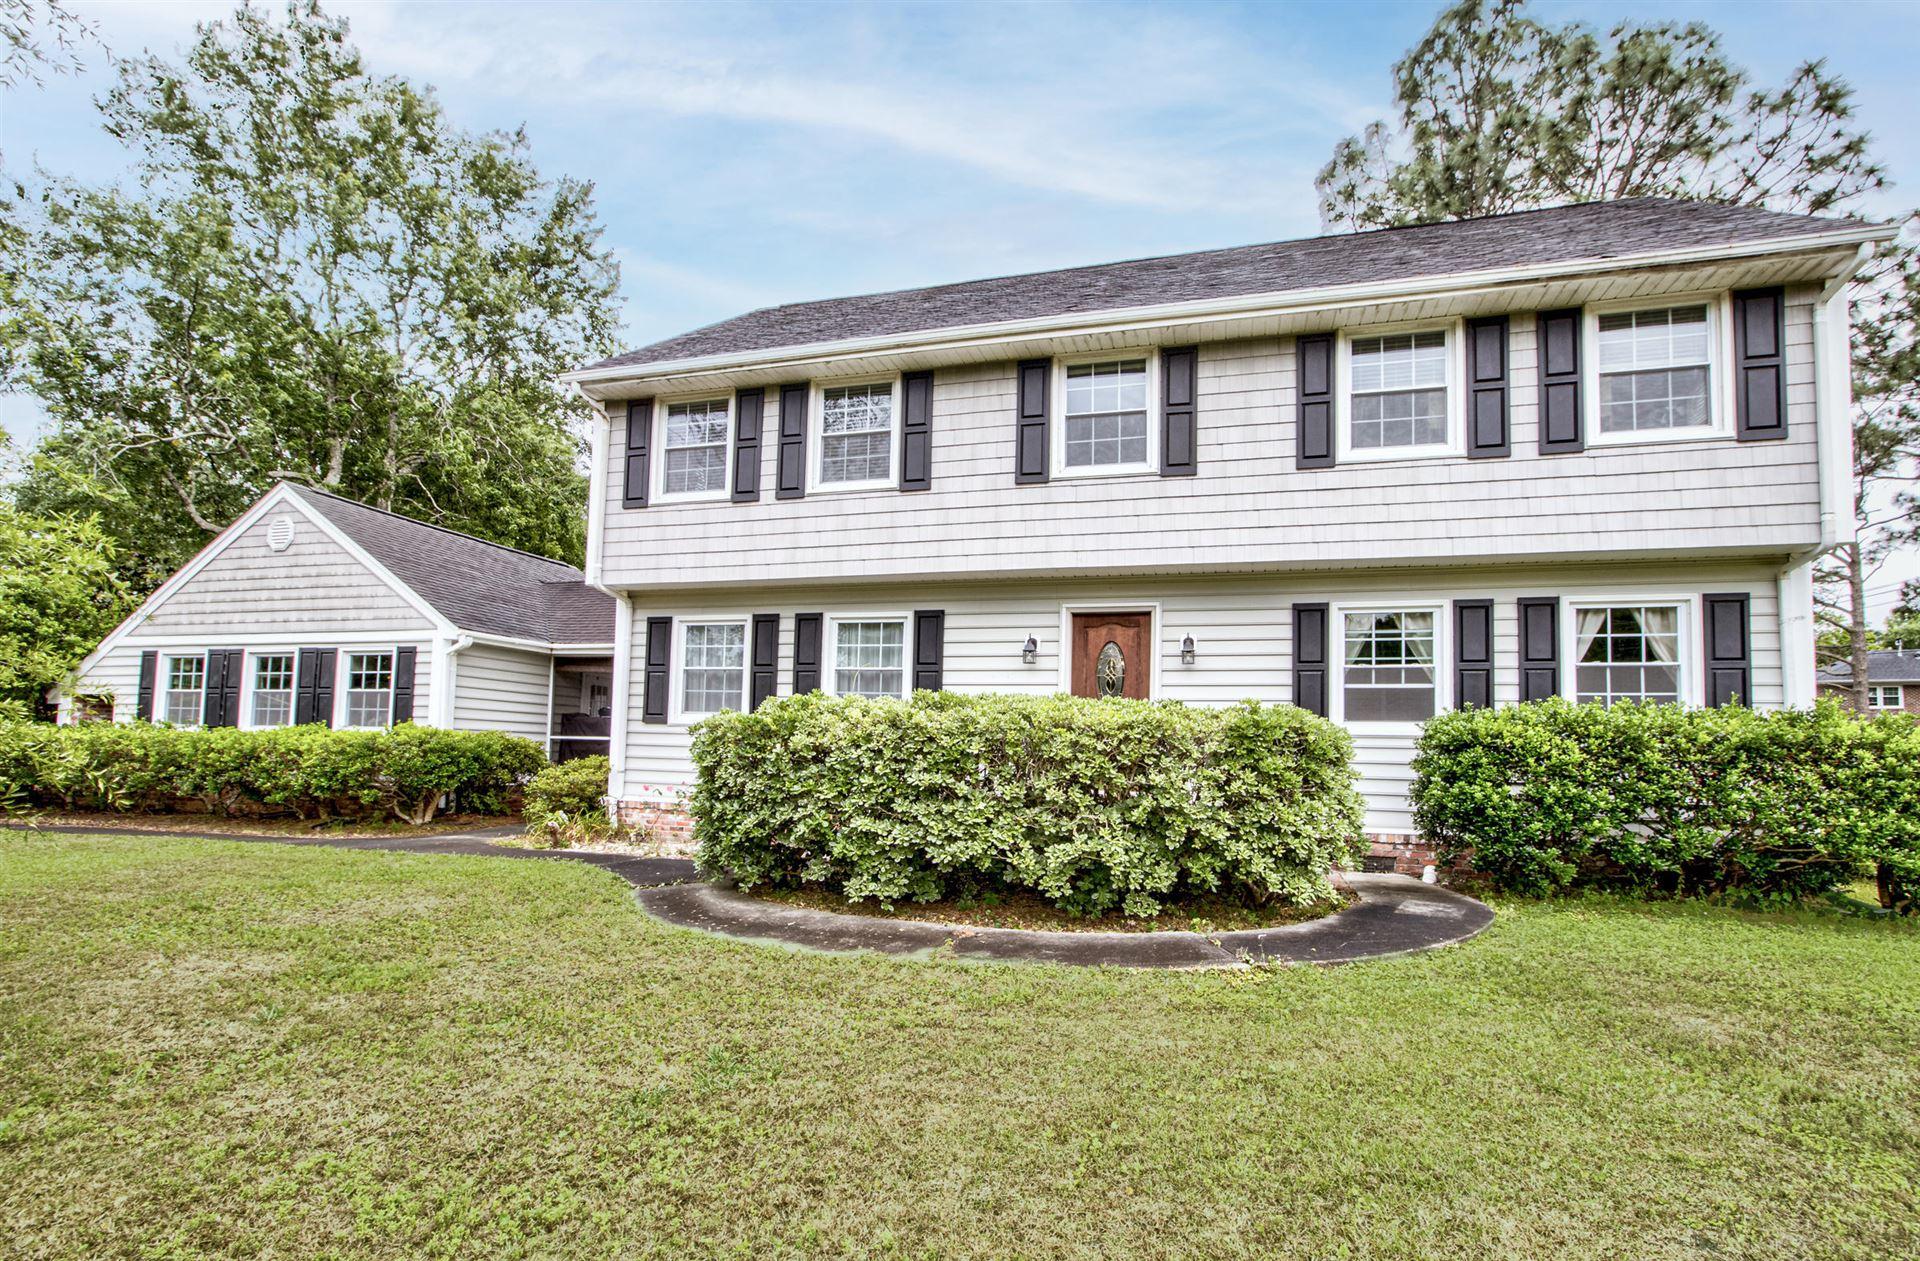 Photo of 218 Devonshire Lane, Wilmington, NC 28409 (MLS # 100271048)